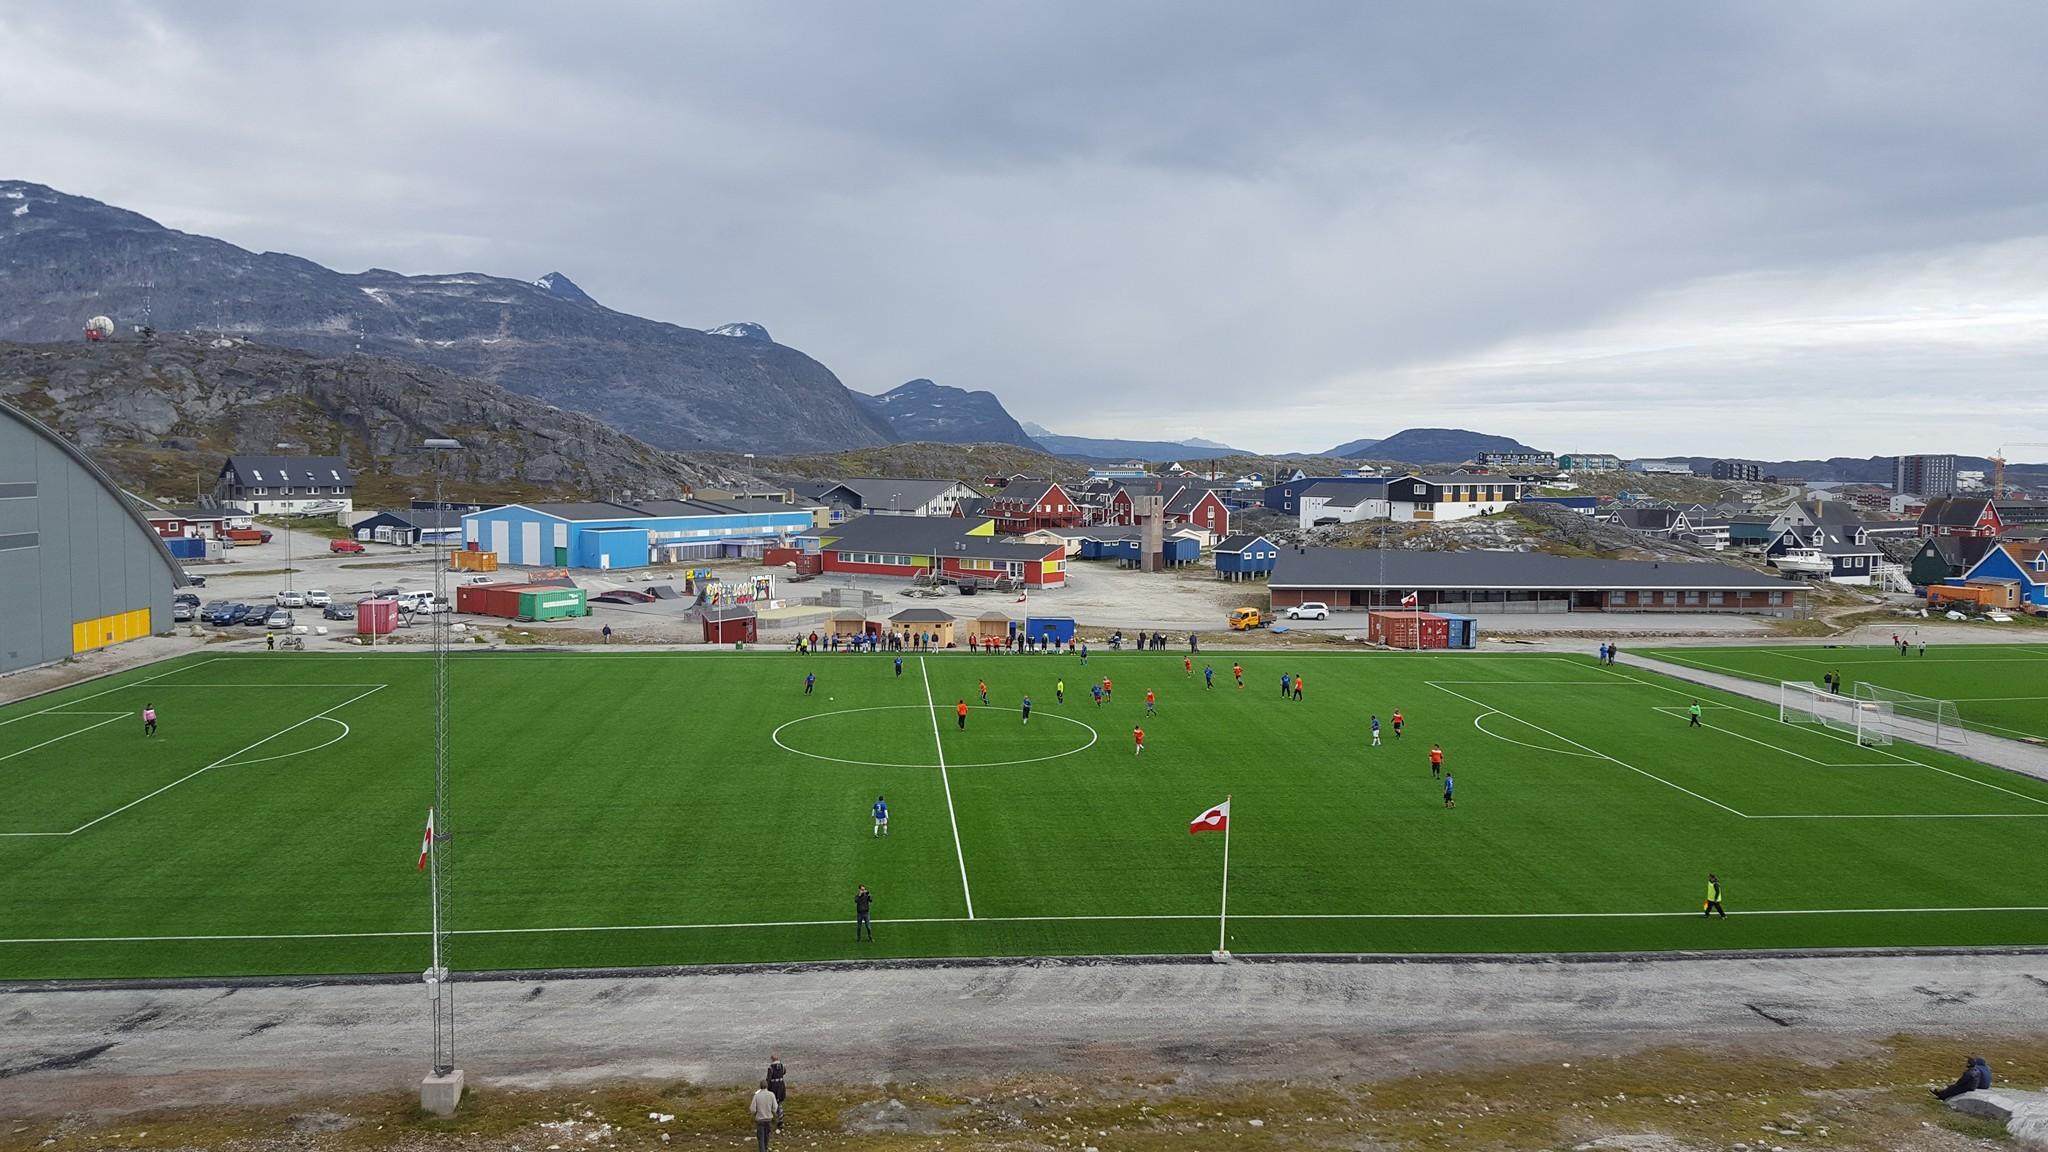 Самое короткое футбольное соревнование в мире: в Гренландии сезон длится одну неделю (+Фото, Видео) - изображение 32